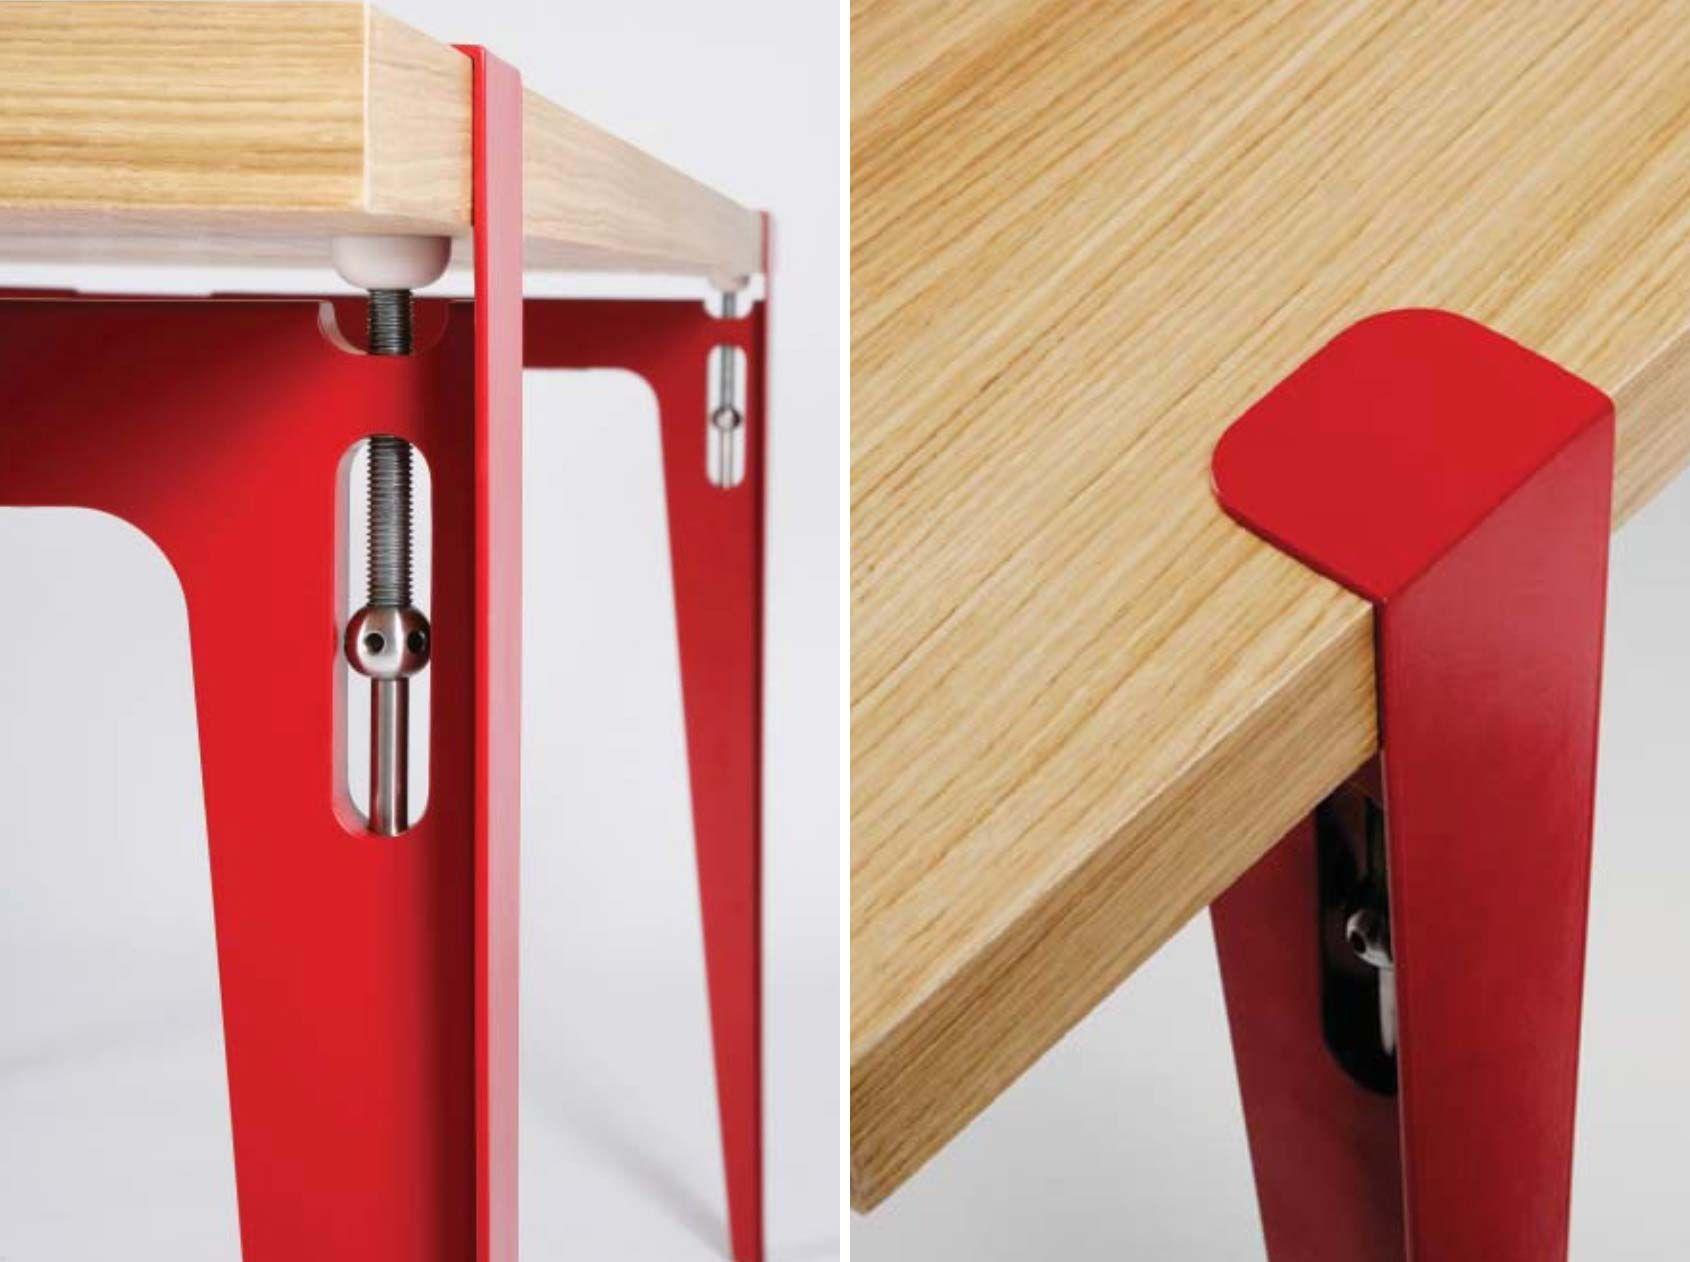 Pieds De Table Ligne Roset TU Pour Créer Une Table Pieds De - Table pied metal plateau chene pour idees de deco de cuisine